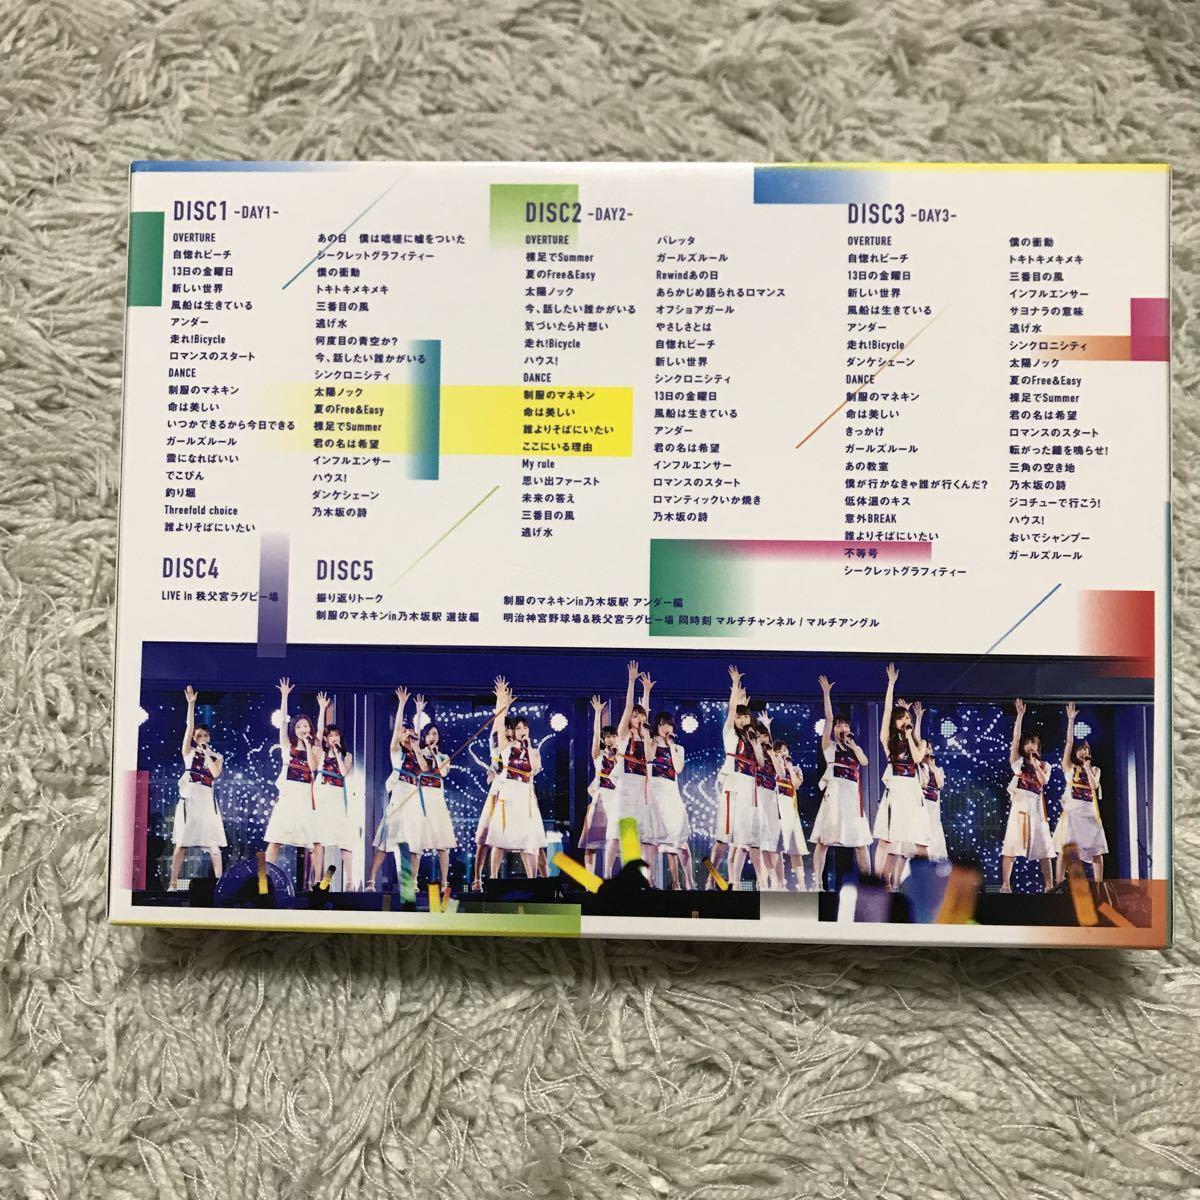 乃木坂46 6th YEAR BIRTHDAY LIVE 2018.07.06-08 JINGU STADIUM&CHICHIBUNOMIYA RUGBY STADIUM Blu-ray 完全生産限定盤 西野七瀬 白石麻衣_画像2